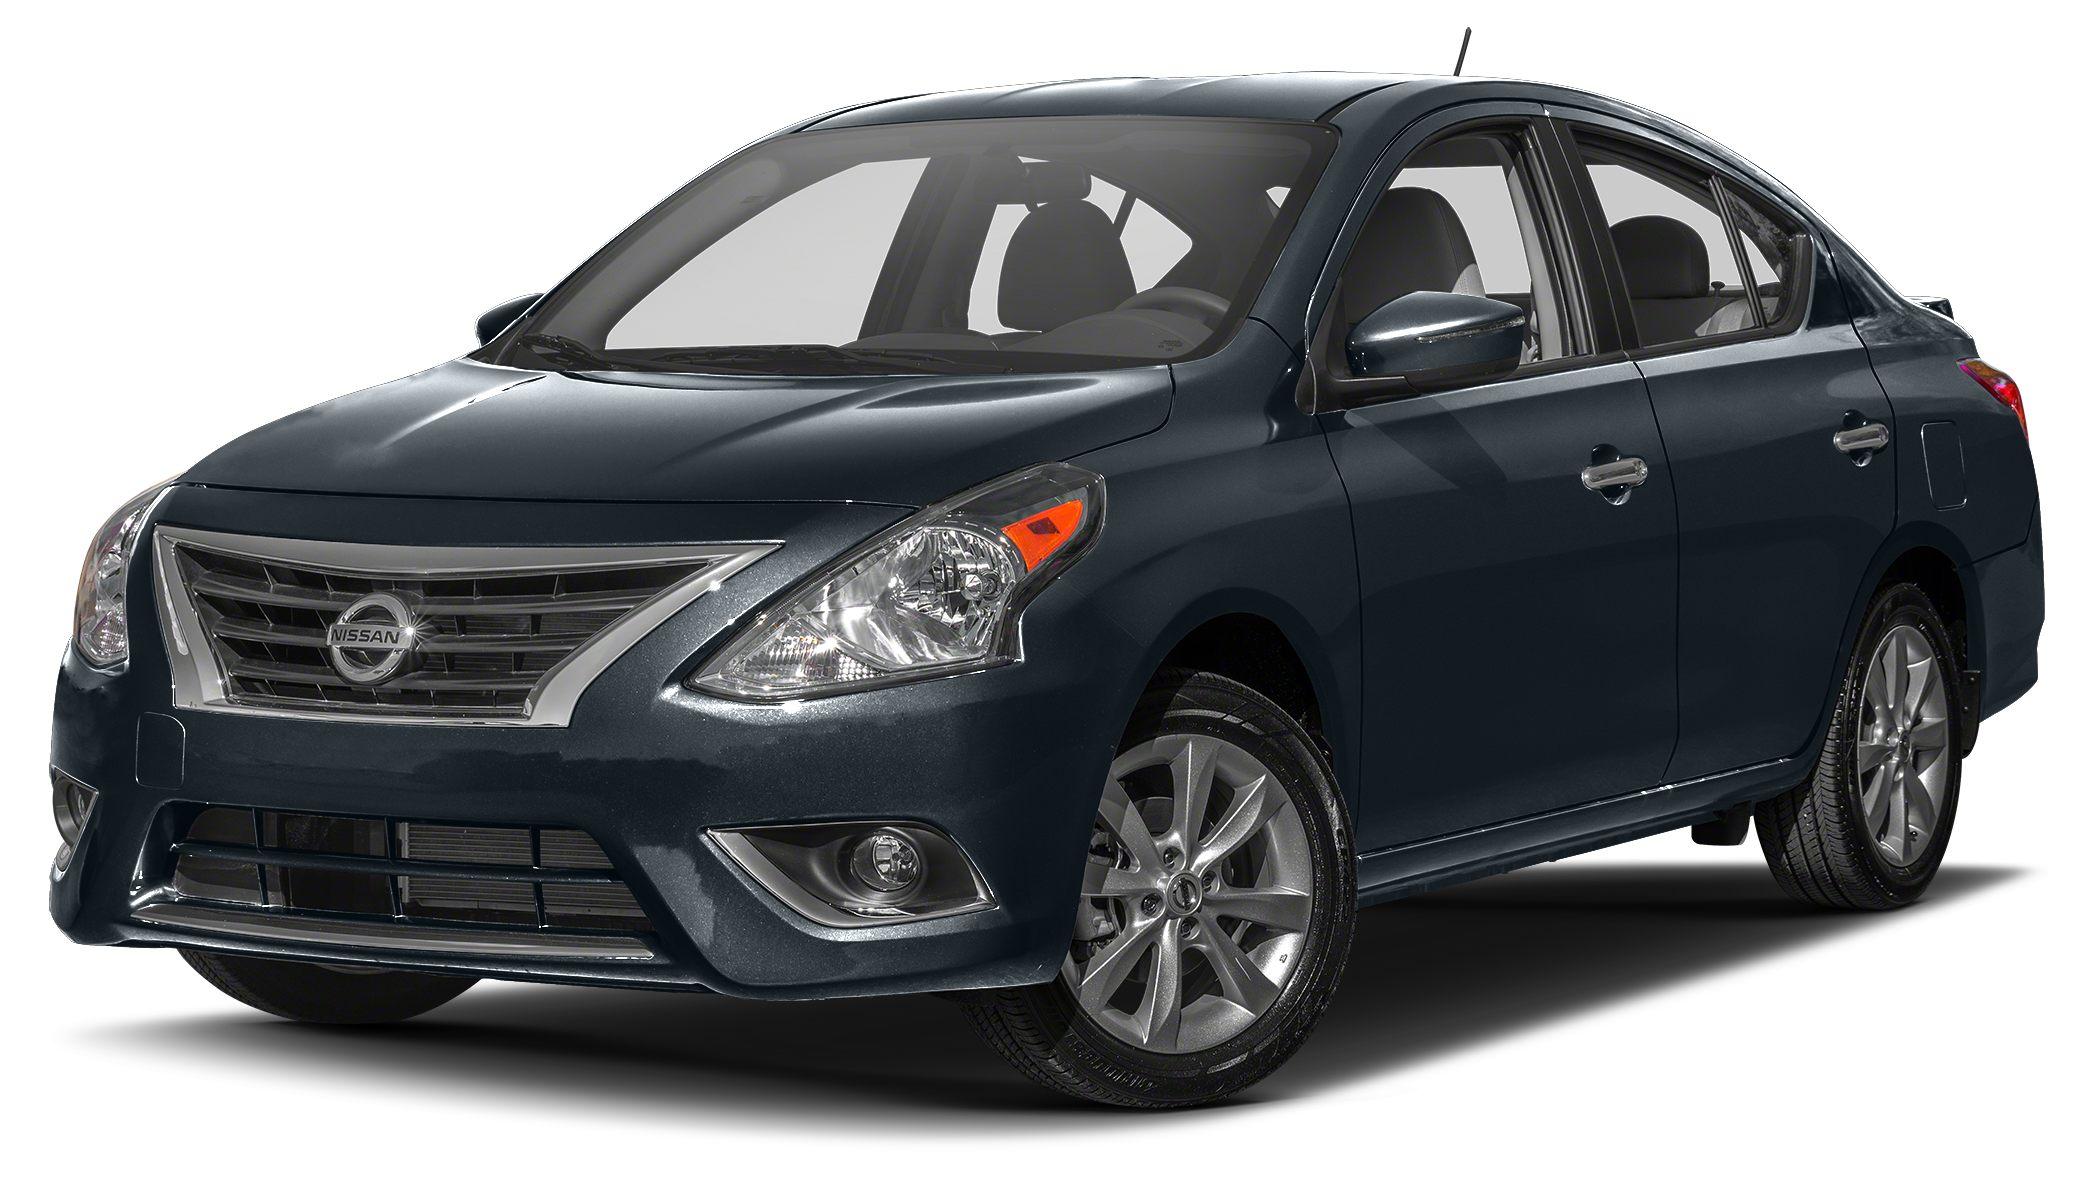 2017 Nissan Versa 16 SL Miles 6Color Graphite Blue Stock 17V01 VIN 3N1CN7AP2HL804594